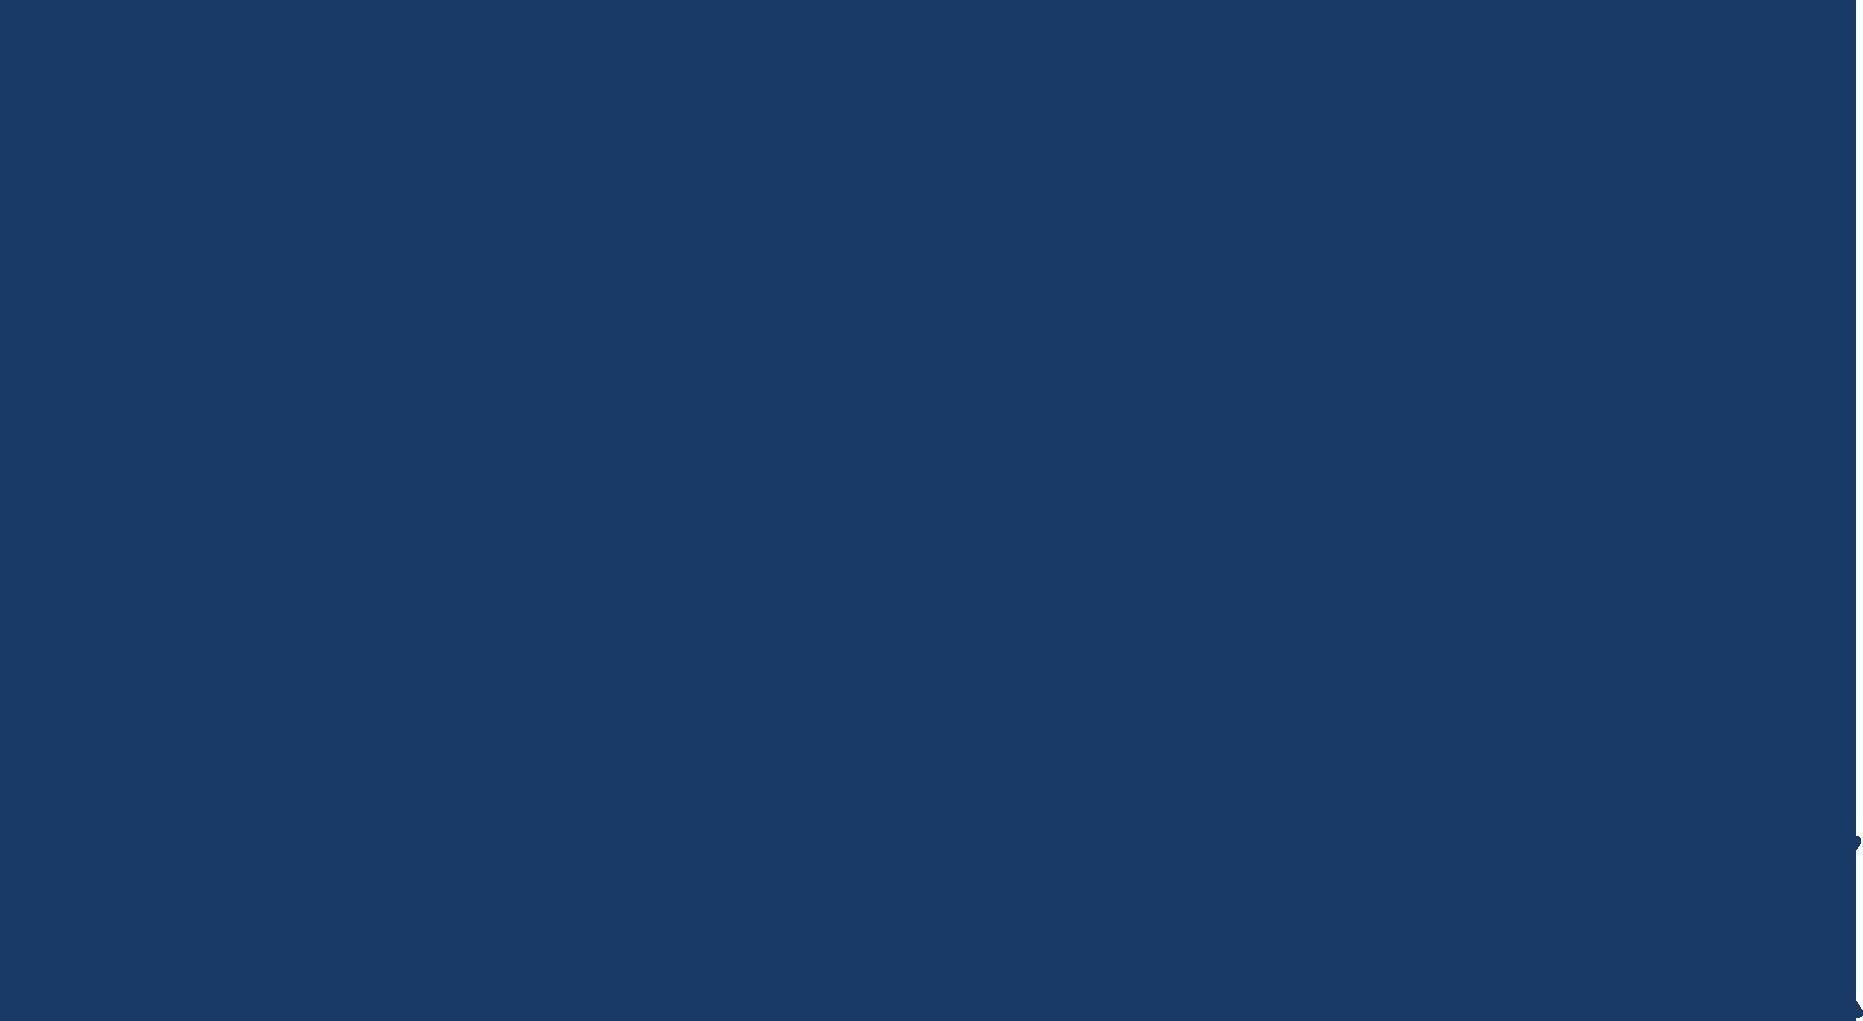 Panalitix Pty Ltd